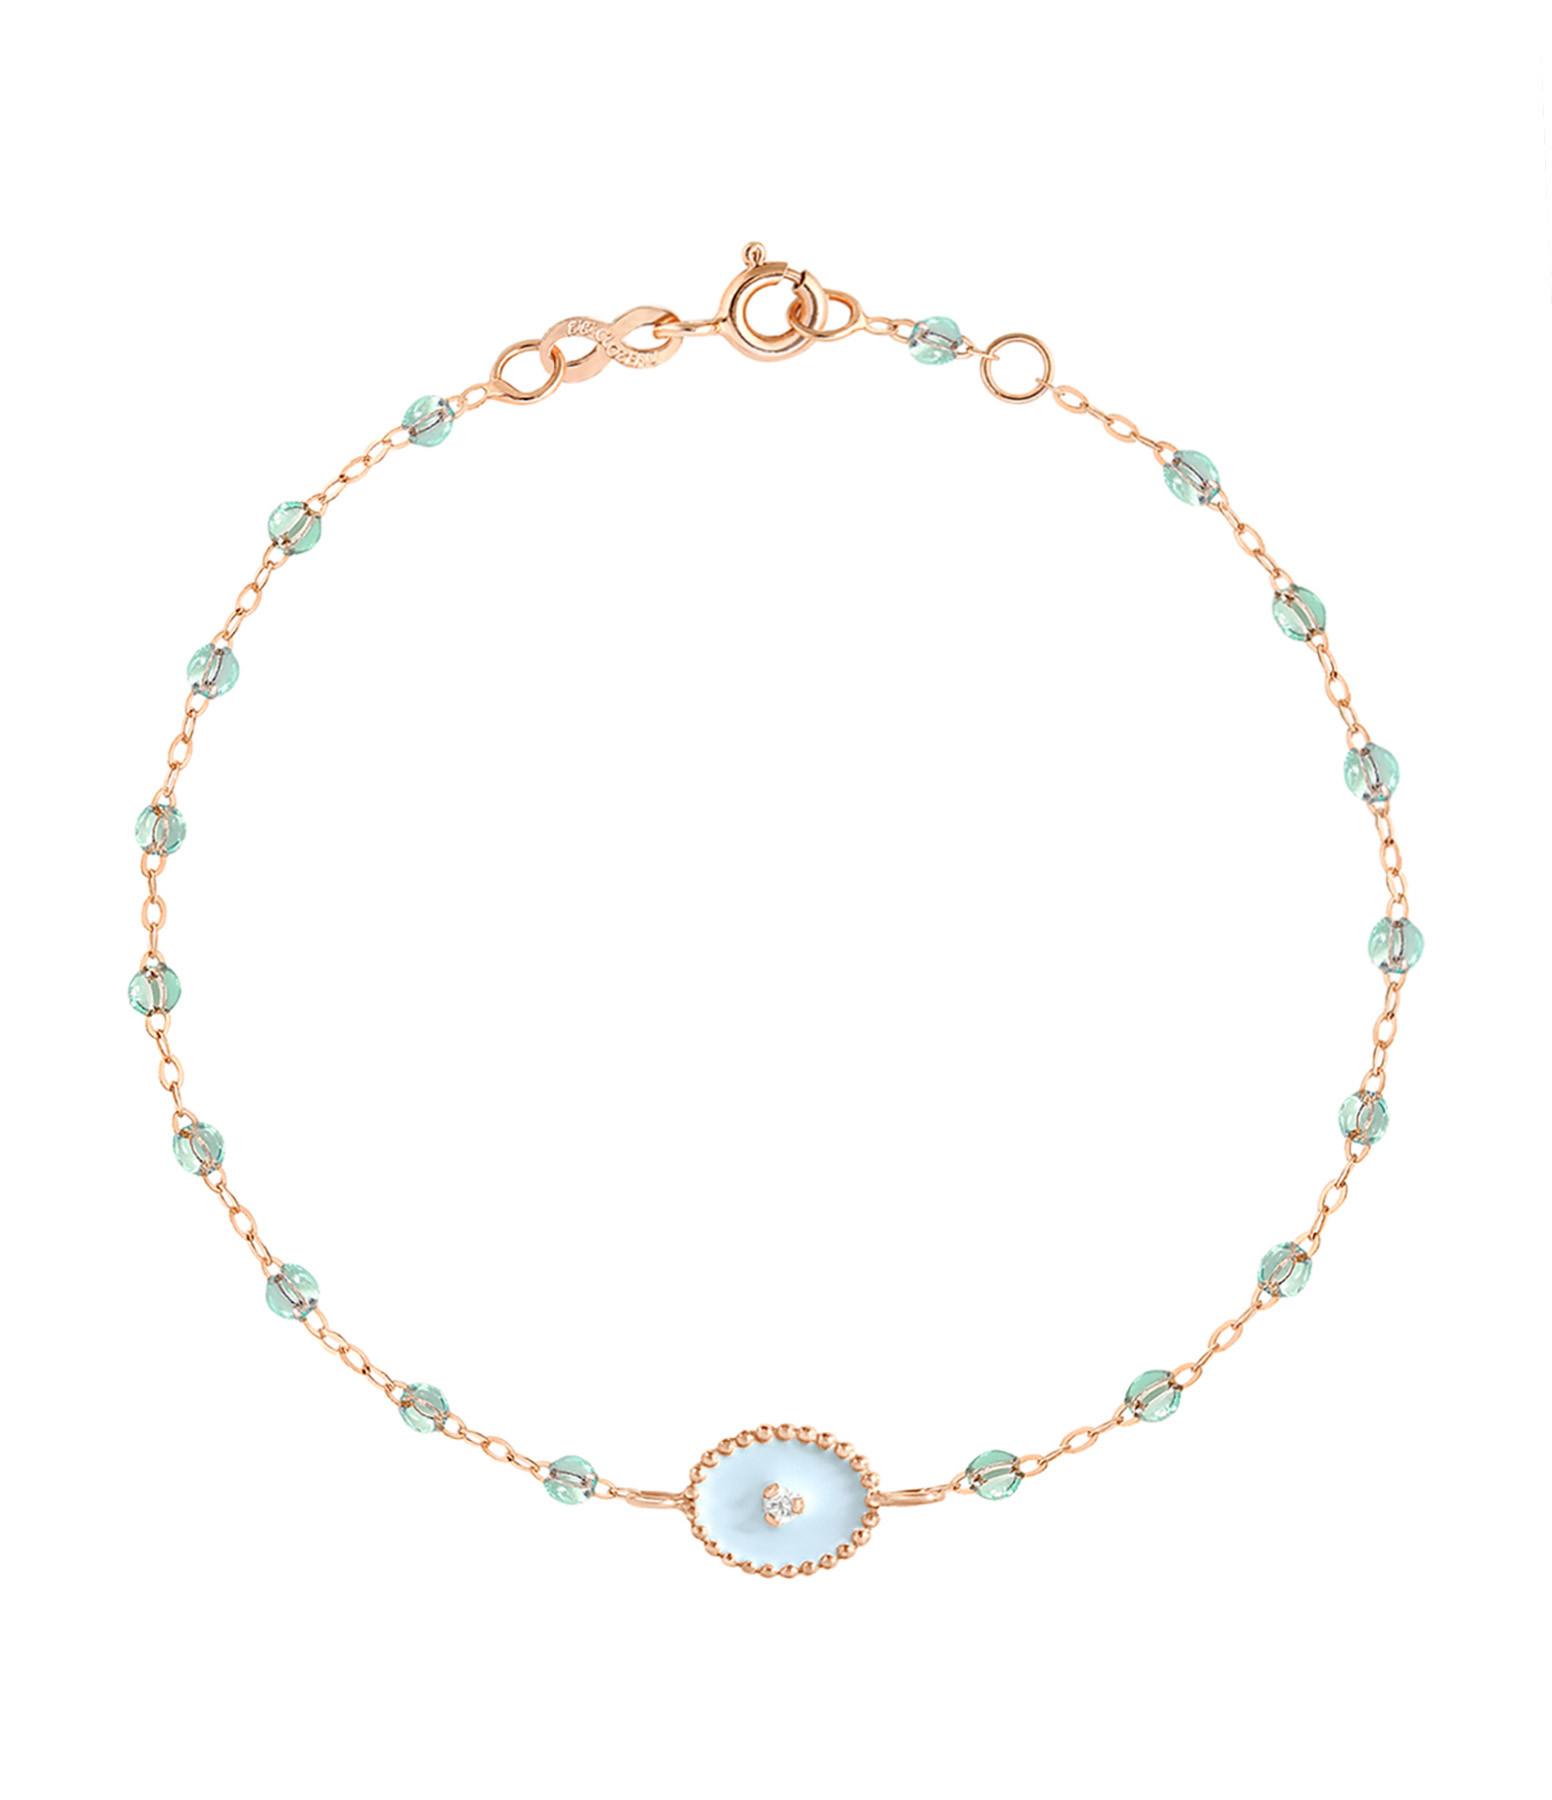 GIGI CLOZEAU - Bracelet Résine Etoile du Nord Diamants Transparents